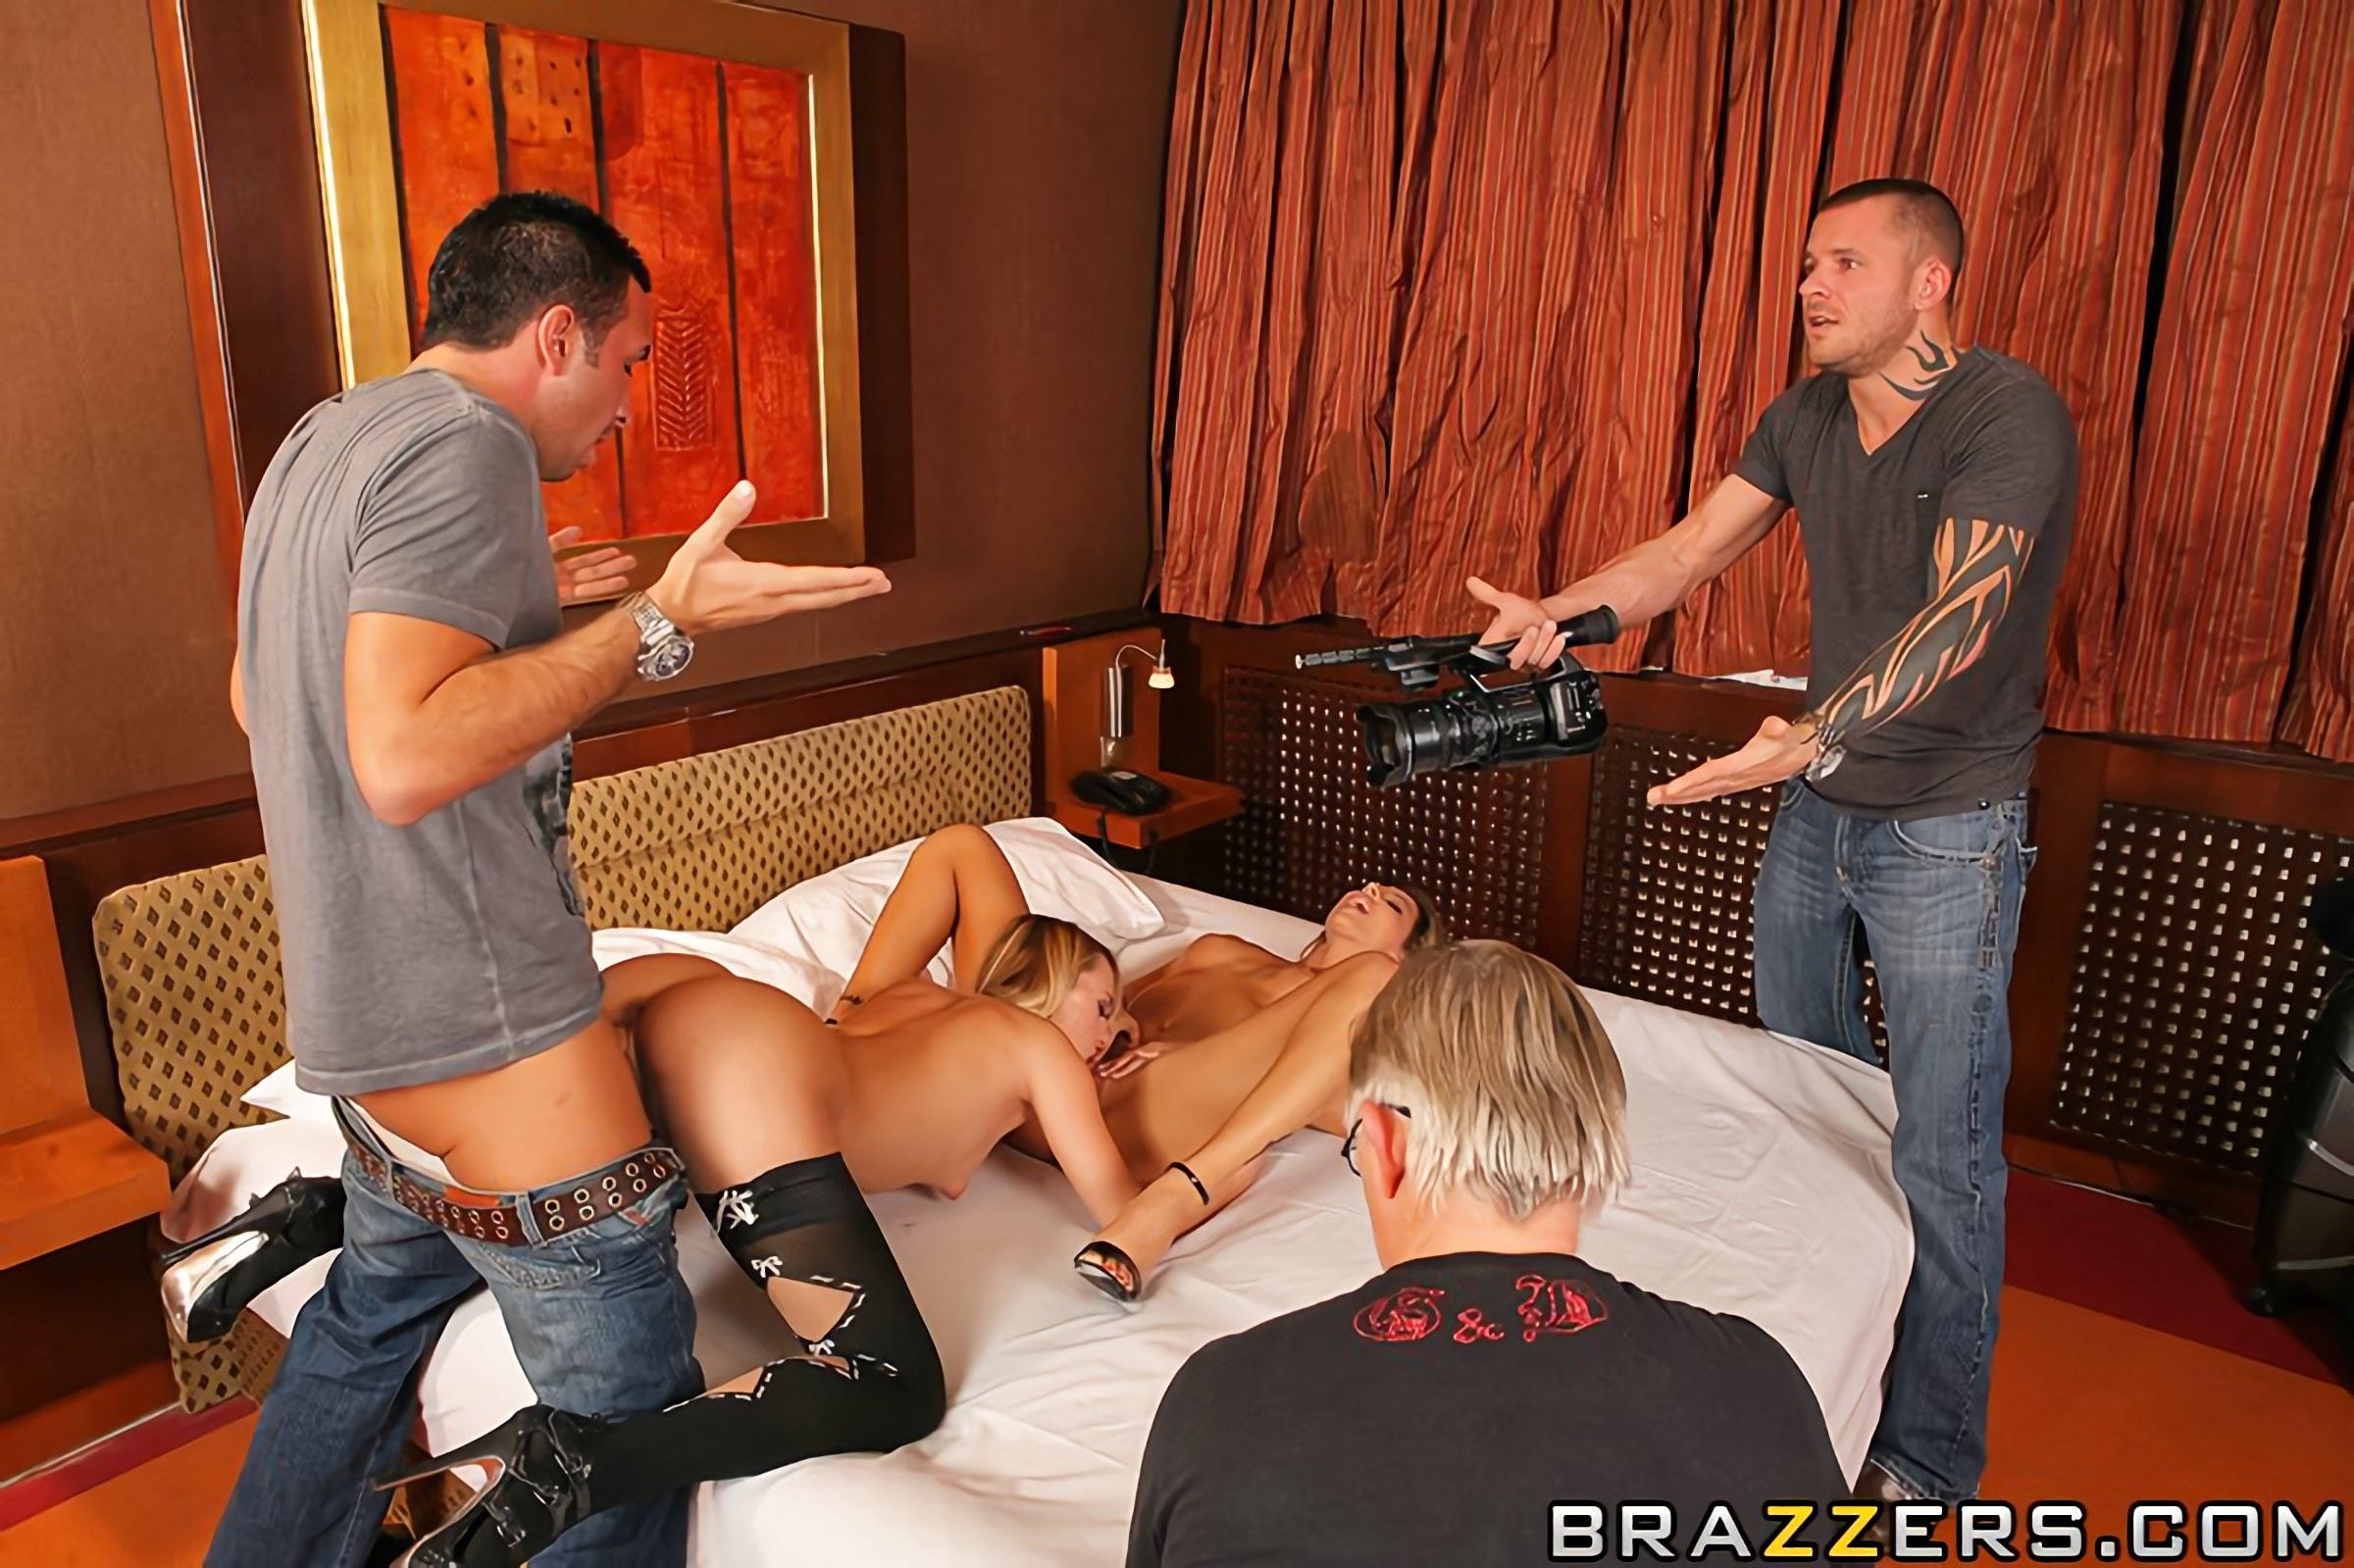 Порно фото принесенное в фотоателье #4